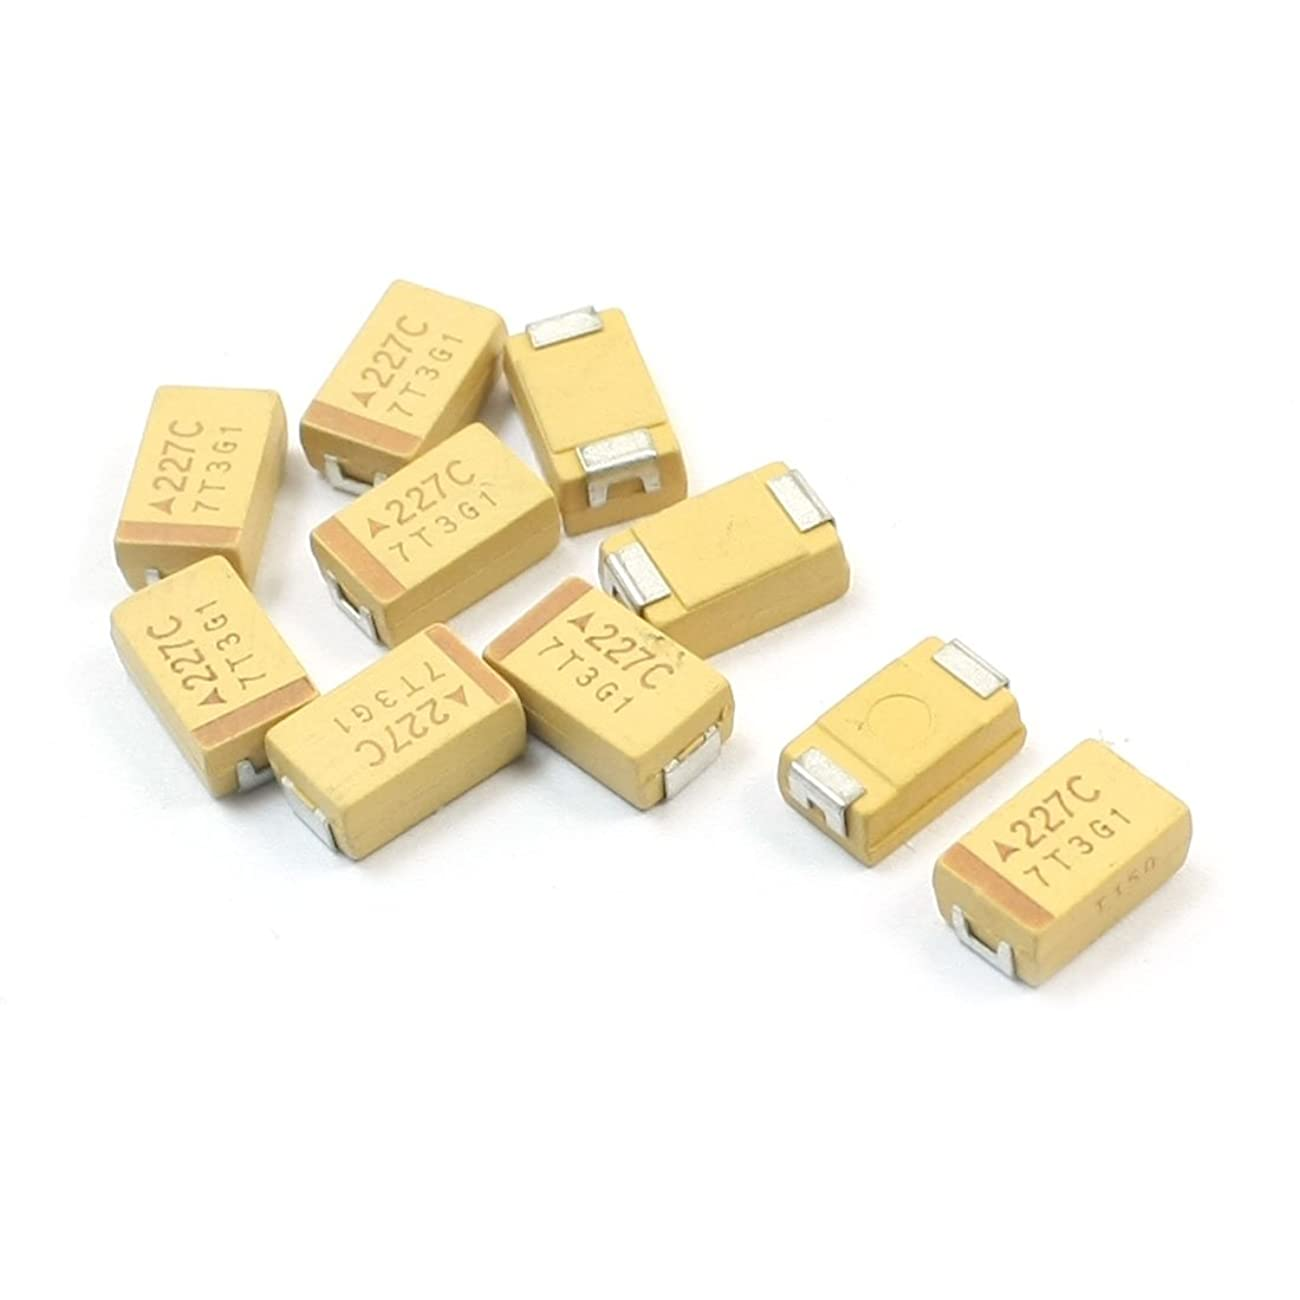 有利世辞準備するuxcell 10個入り SMT SMD 7343 D タイプ 220uF 16V チップ タンタル コンデンサ